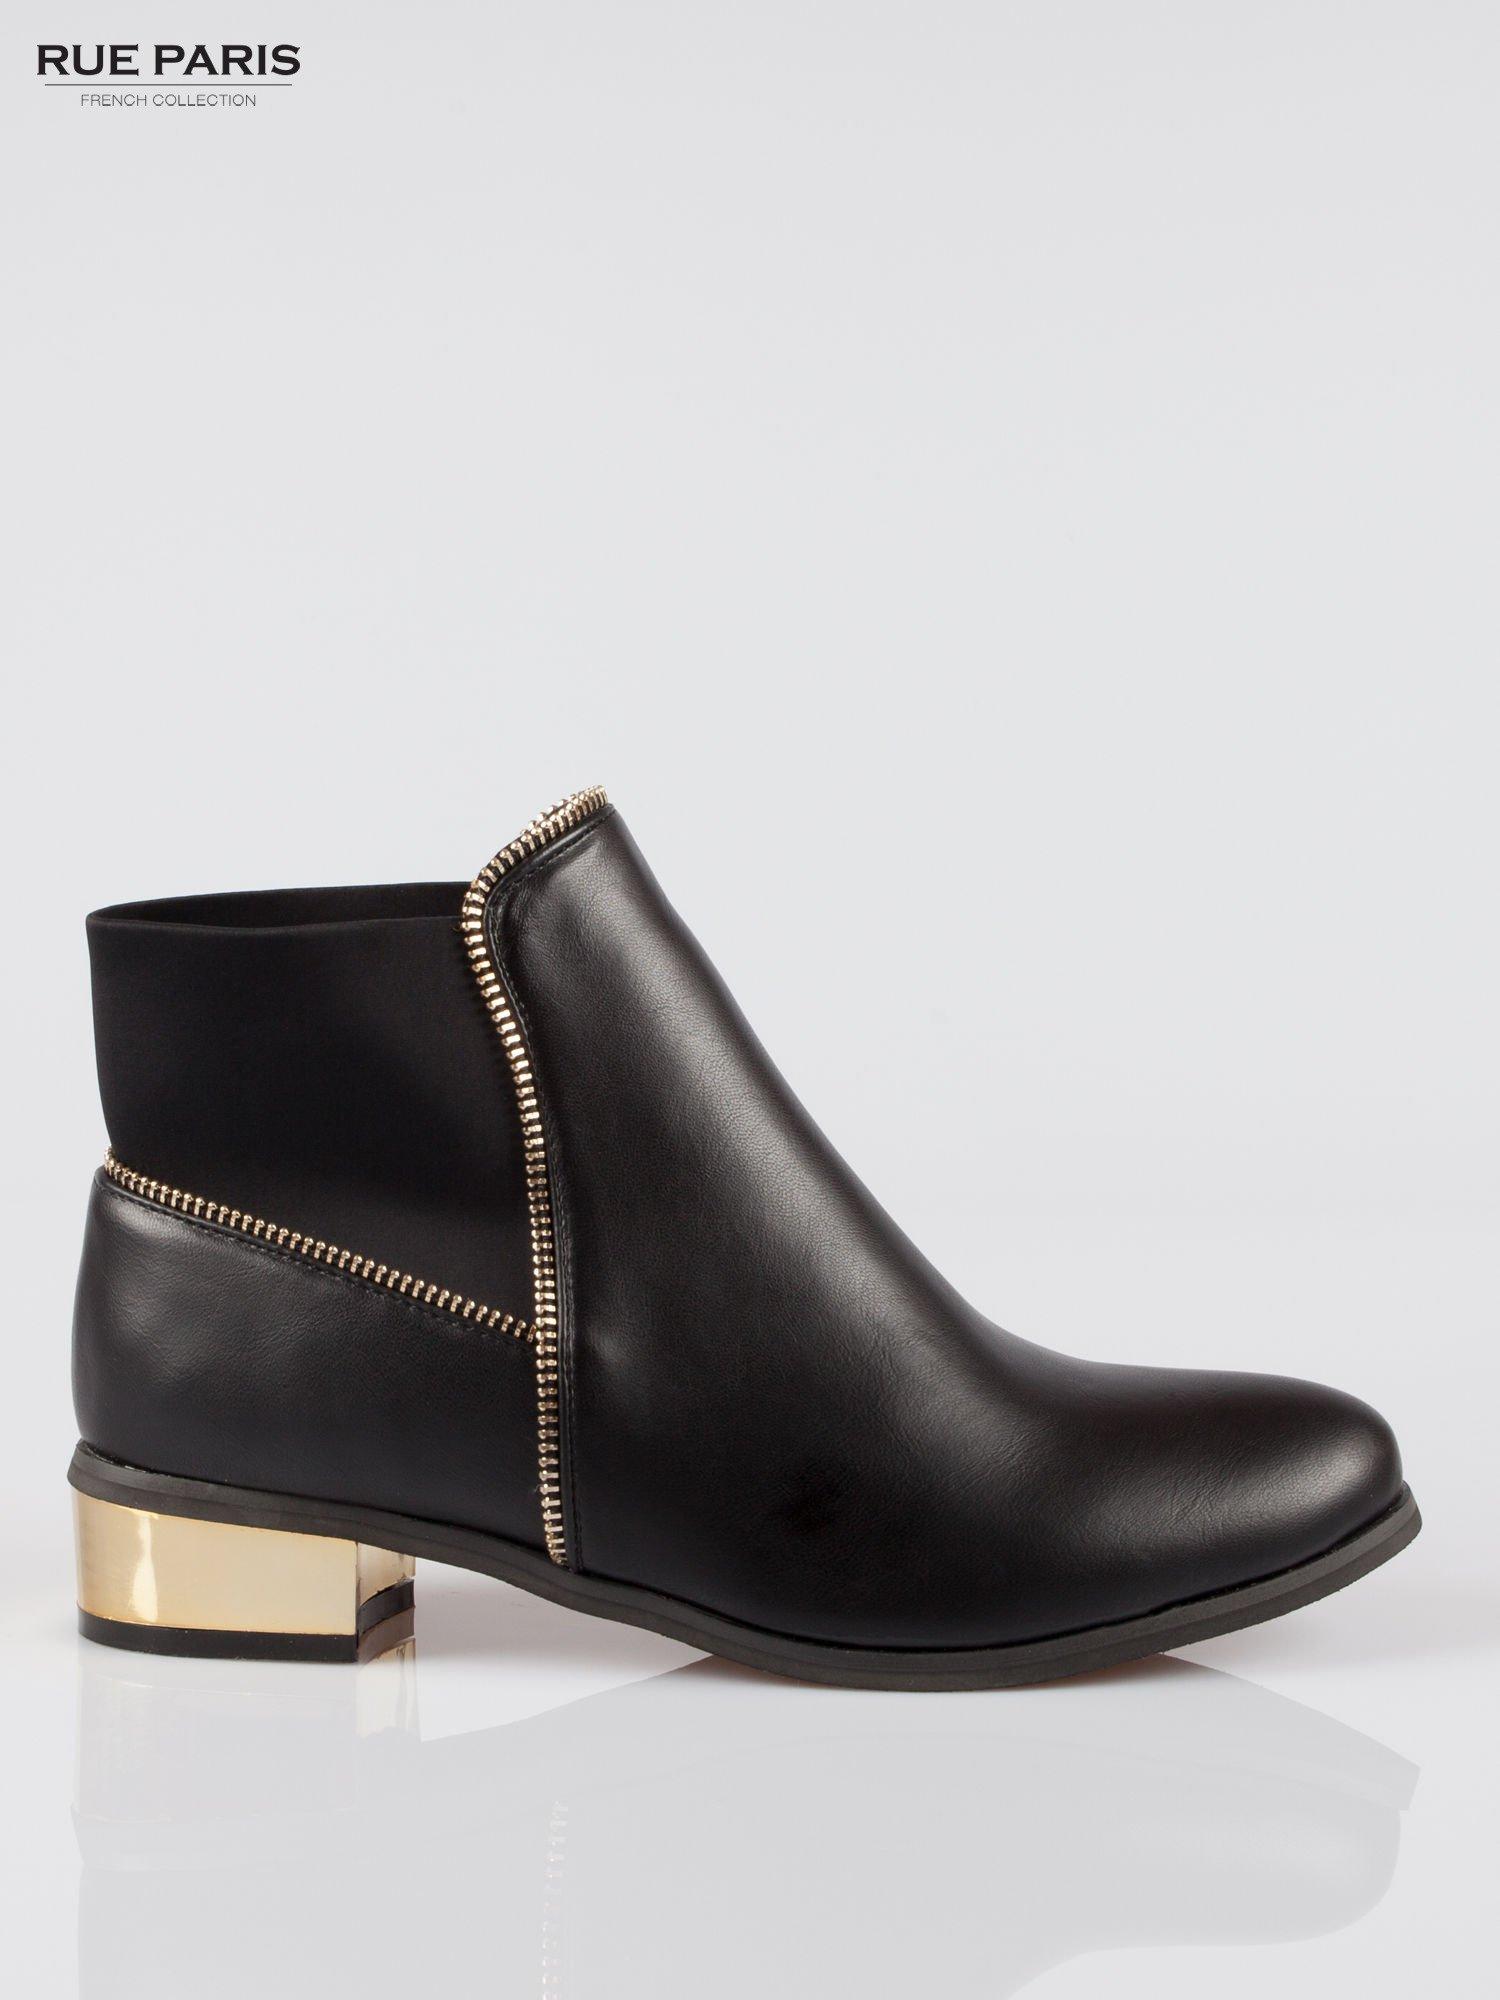 Czarne botki ankle boots z zamkiem i złotym obcasem                                  zdj.                                  1